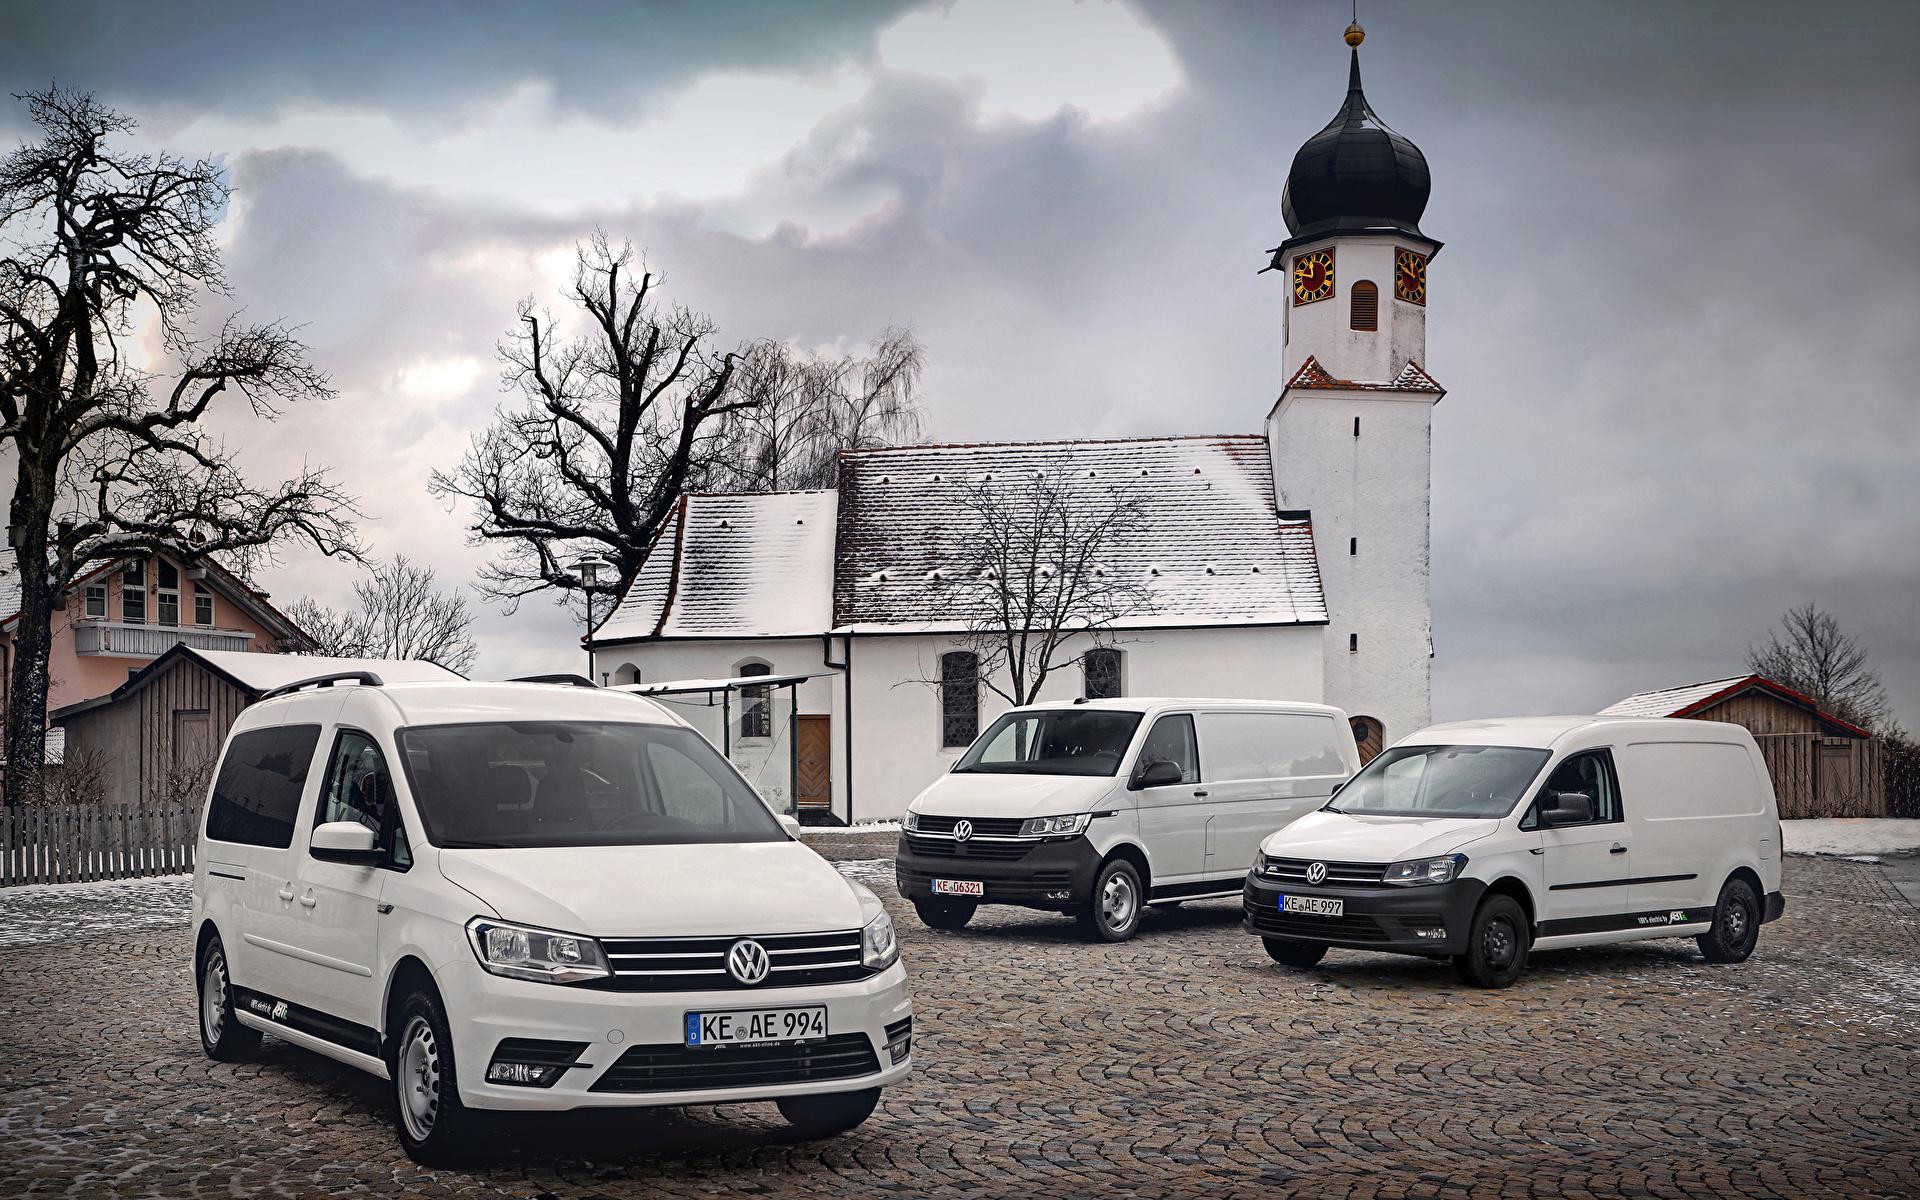 Desktop Hintergrundbilder Volkswagen Caddy, Transporter Weiß auto Drei 3 1920x1200 Autos automobil